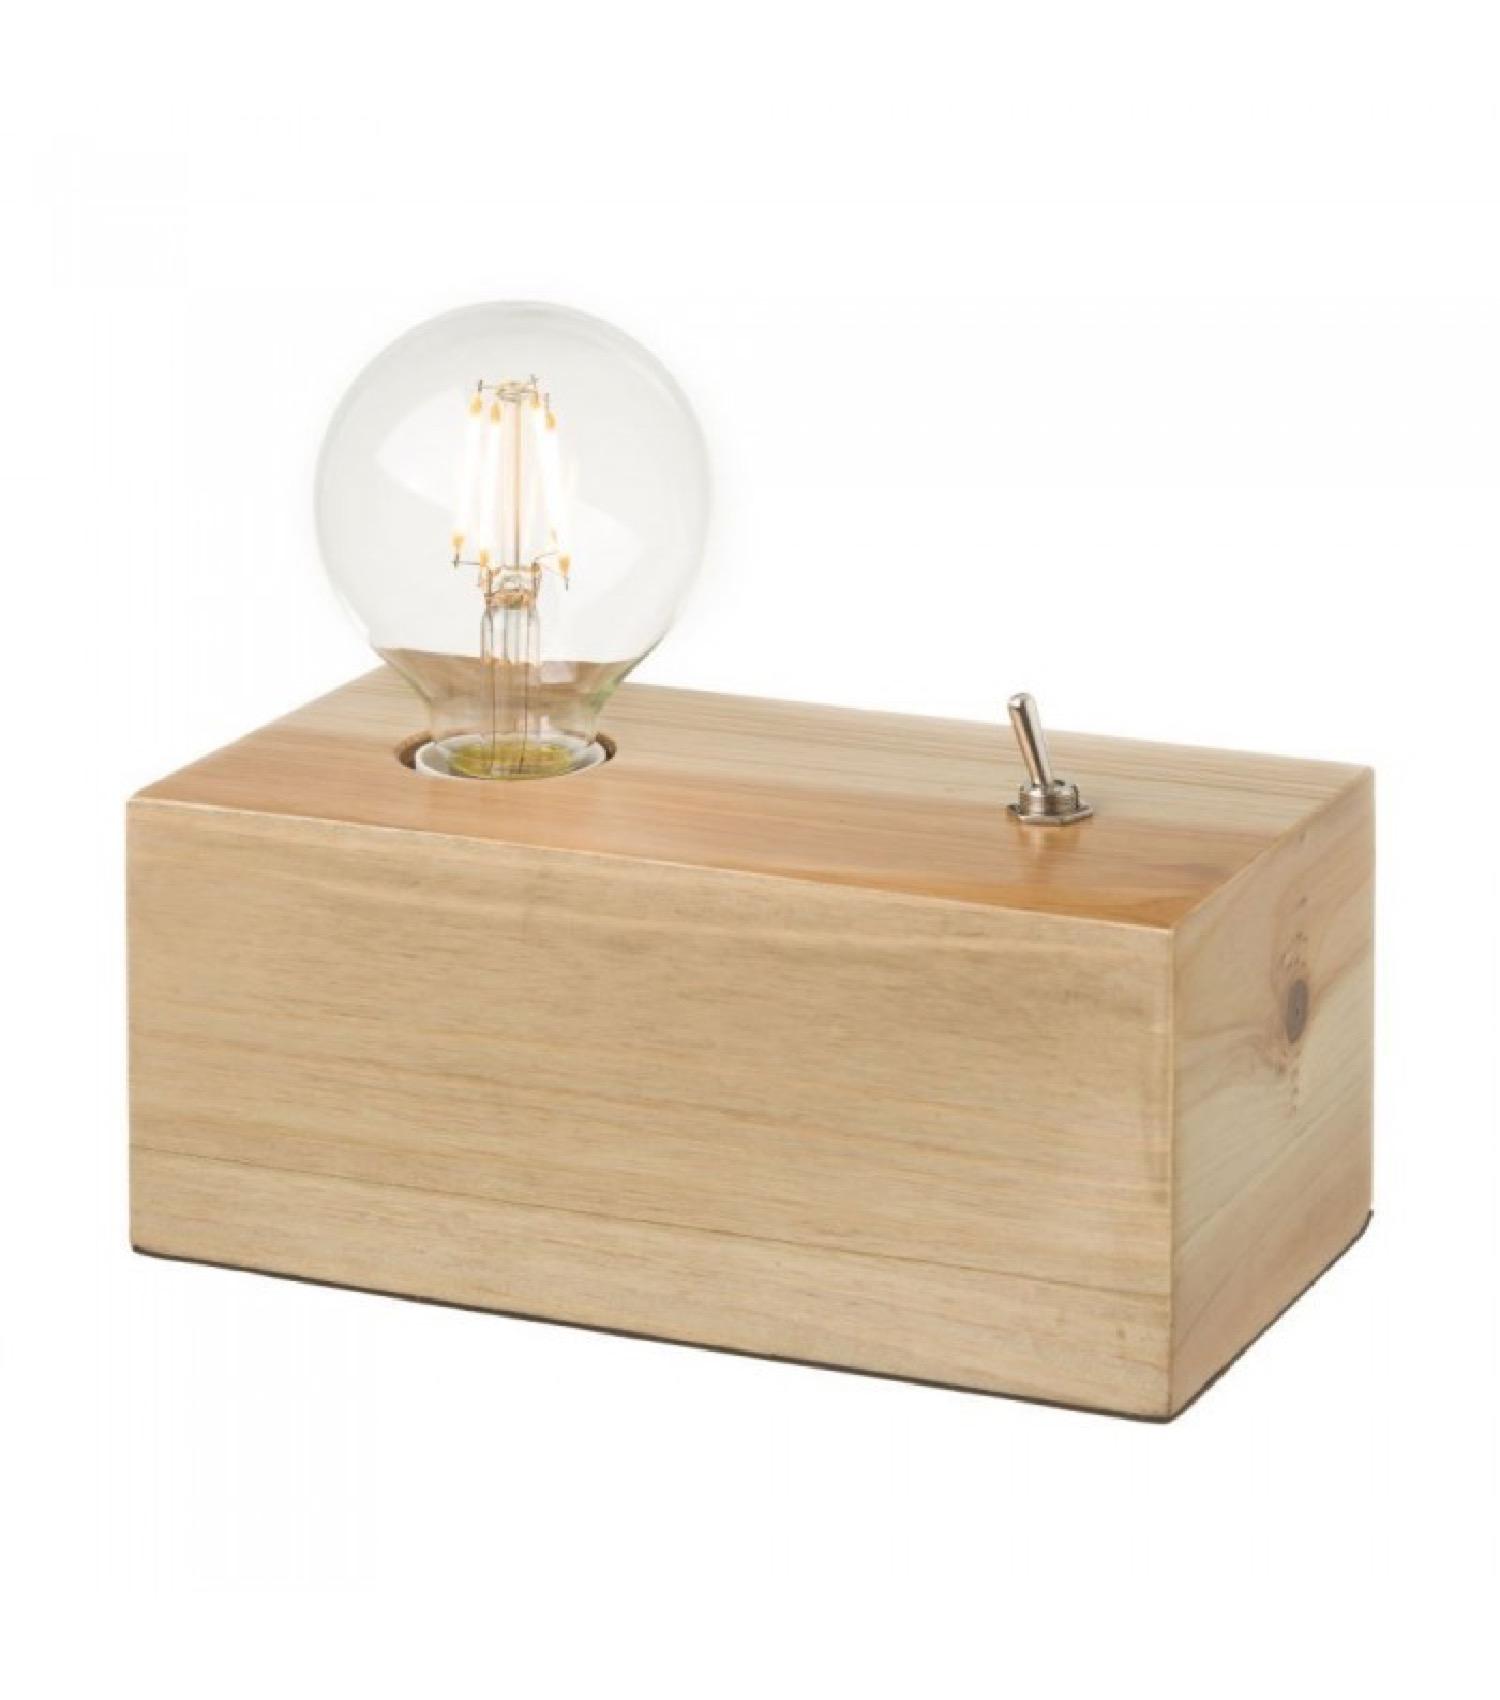 Lampe à poser en bois avec interrupteur